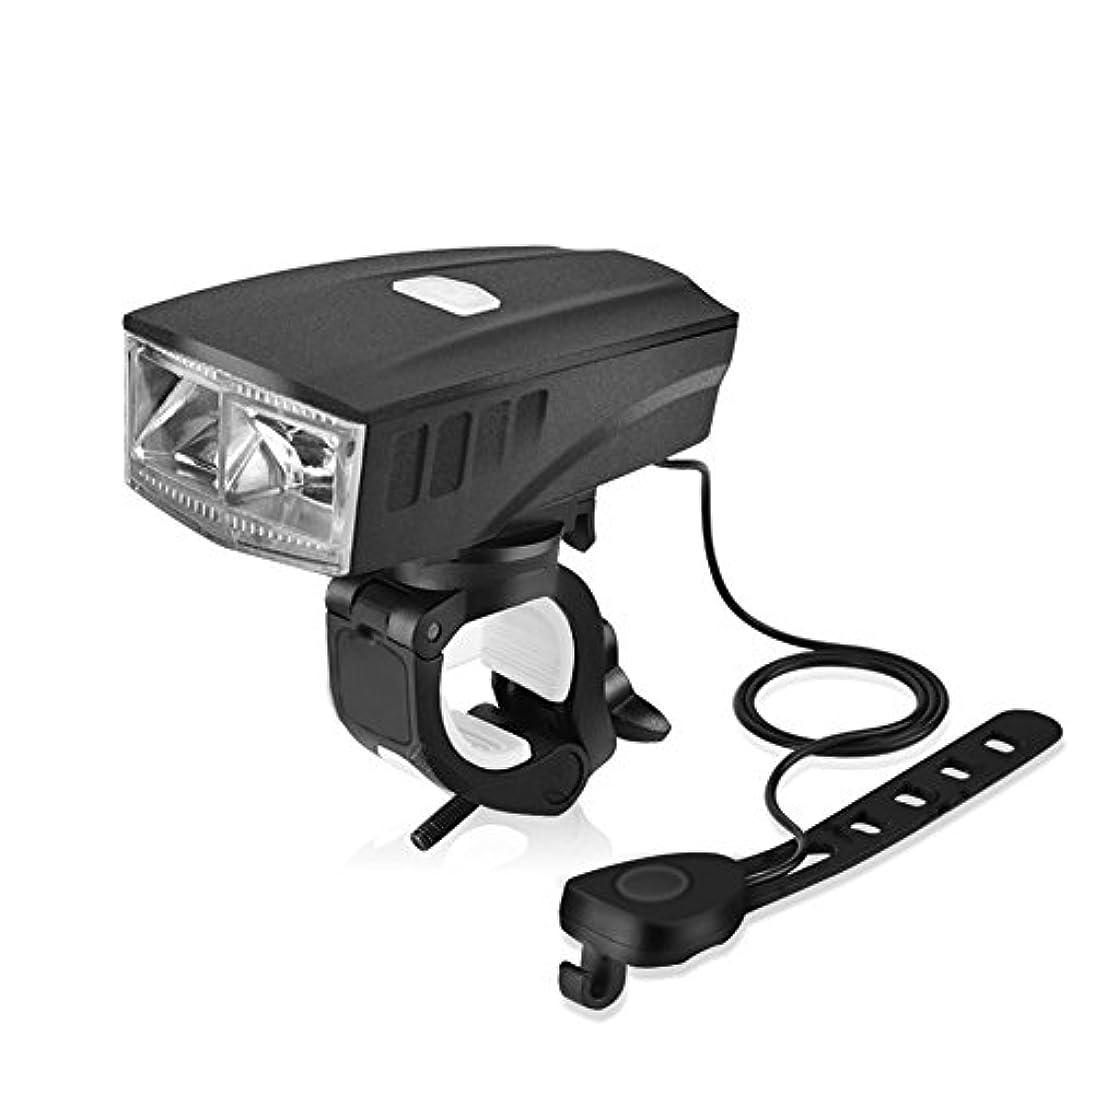 志す適応あいまい自転車用ライト 自転車前照灯 自転車ヘッドライト 2000mAh 超高輝度 自転車用LED 懐中電灯 3モード対応 取り付け簡単 工具不要 USB充電式IP65 防水 防災 防振